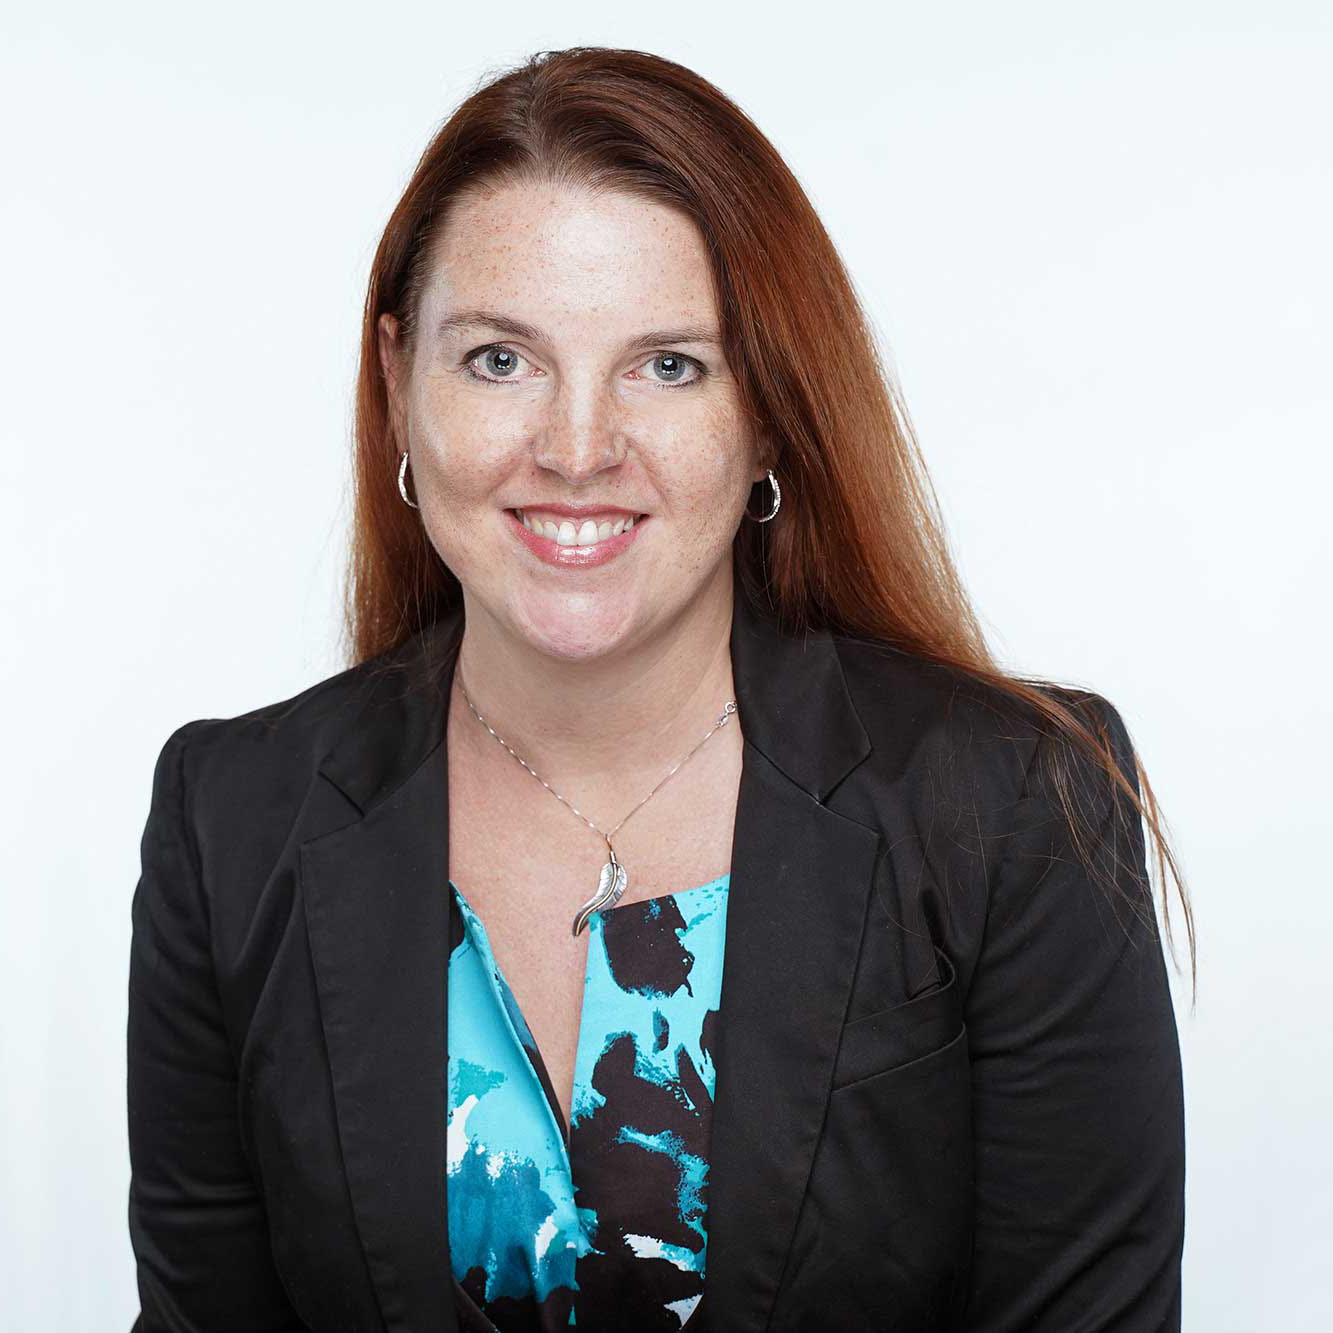 Erin Gordon